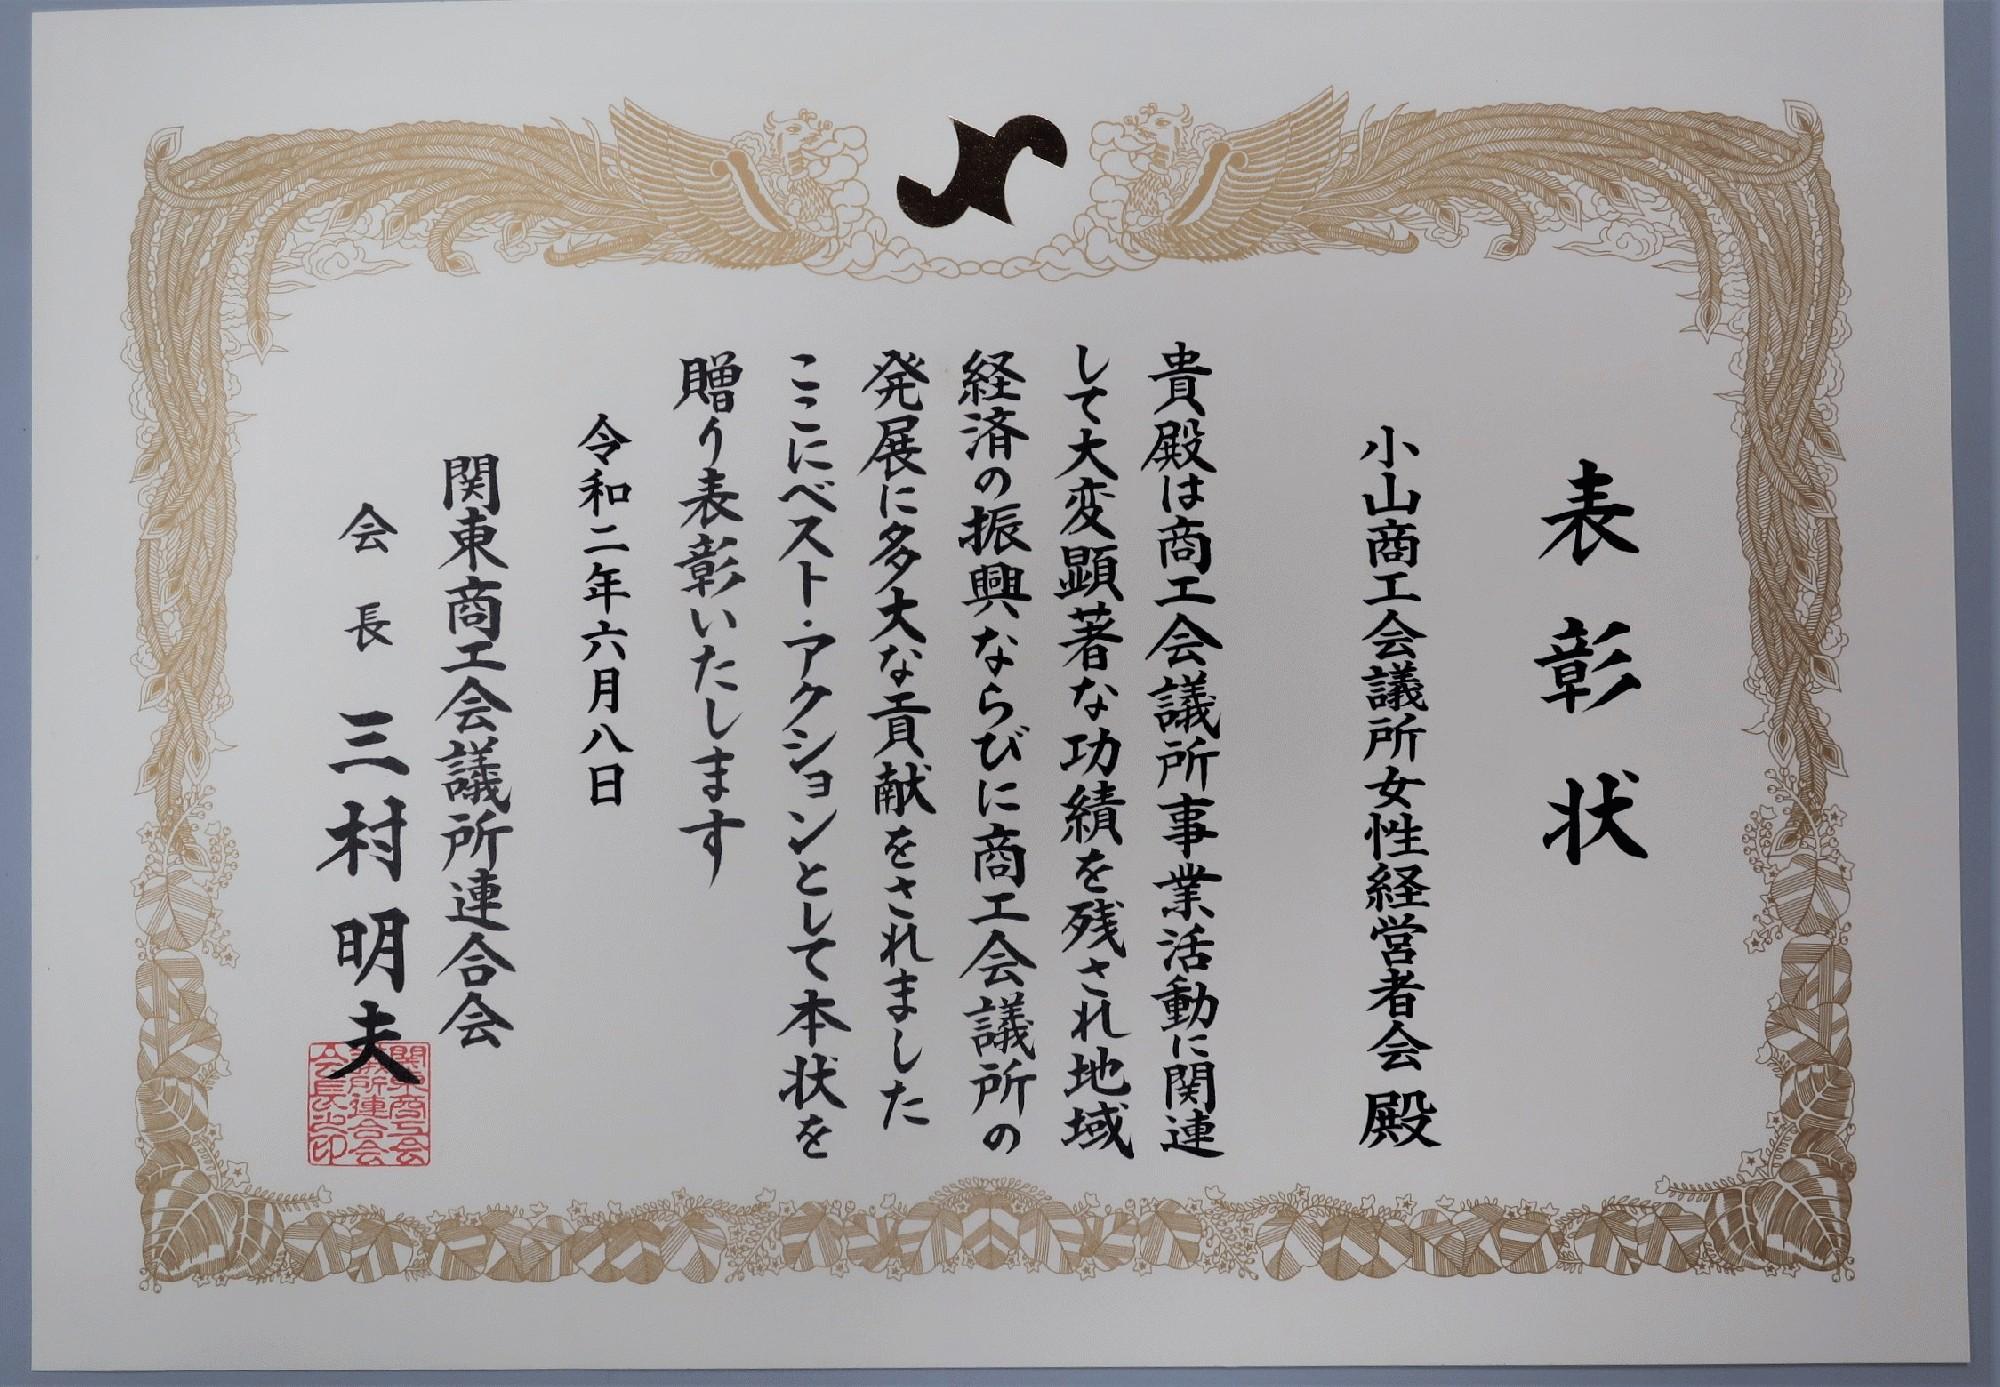 ベストアクション賞受賞!